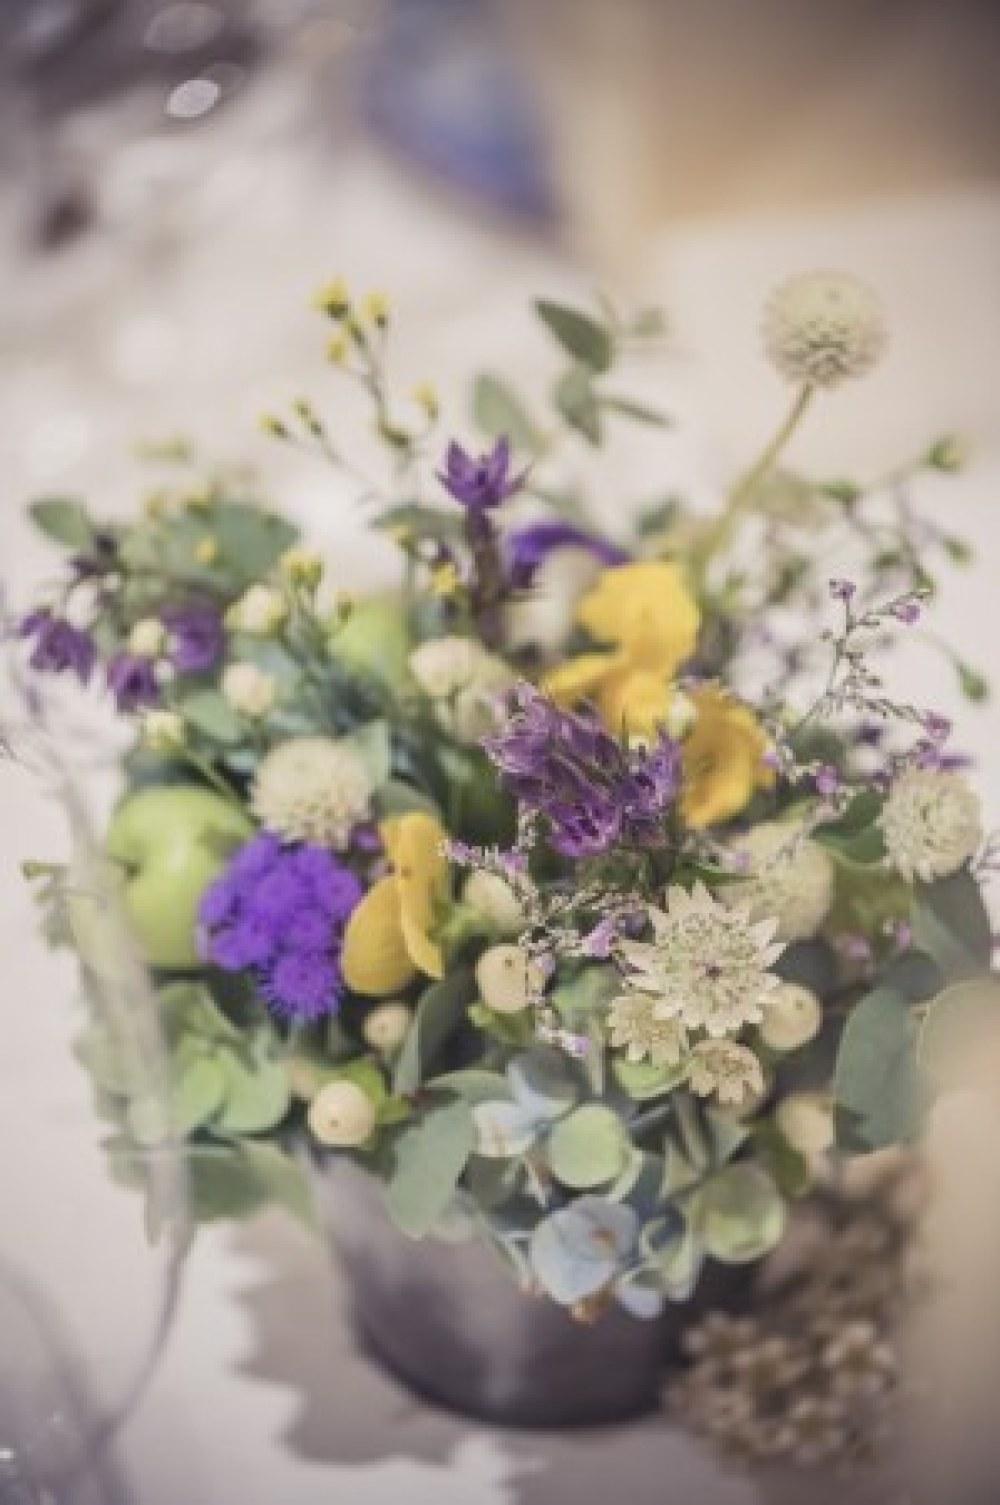 新郎新婦様からのメール 秋の装花 リストランテASOの花嫁様より_a0042928_01383735.jpg